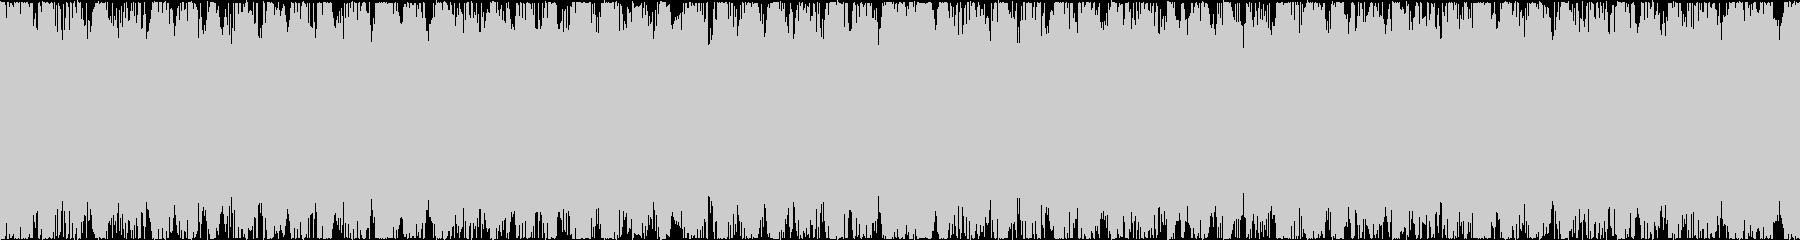 バトルシーンに合う壮大なインストの未再生の波形